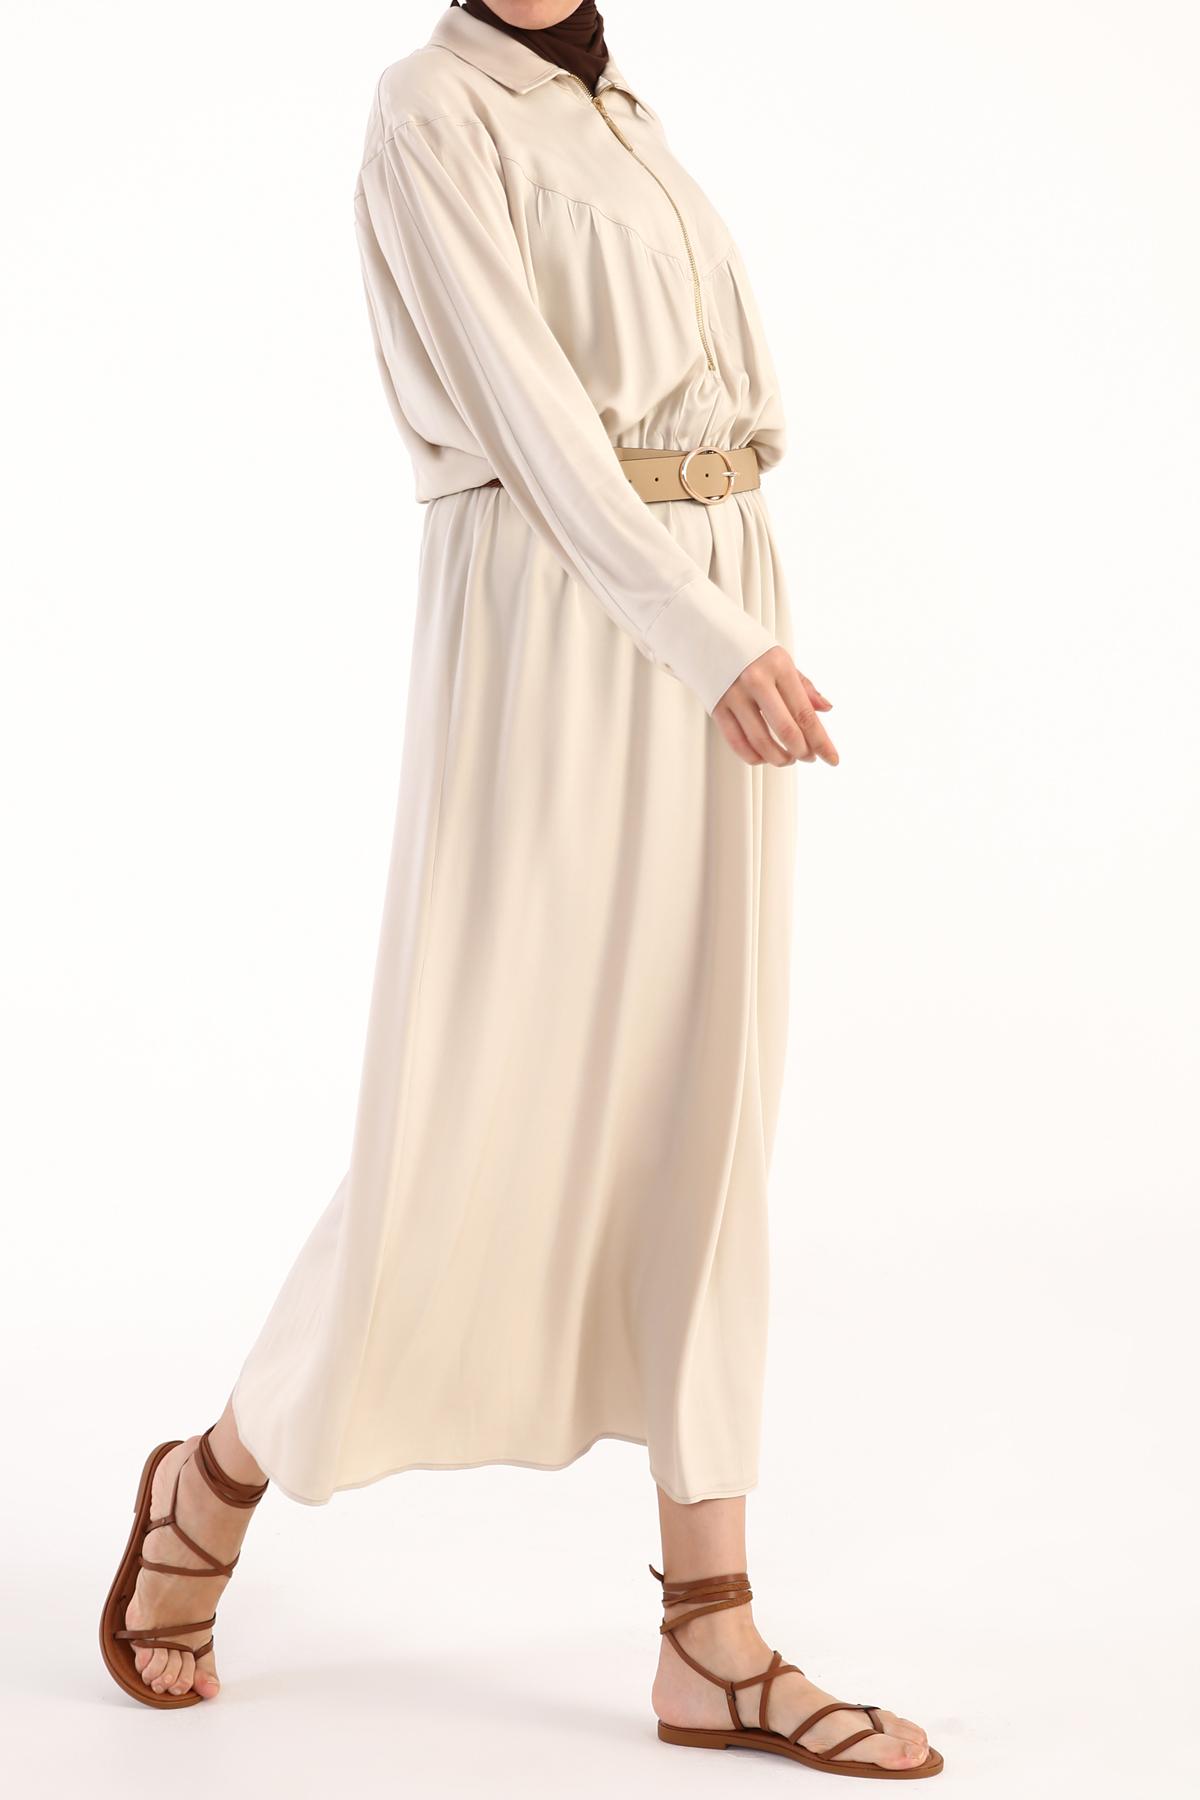 Zipper Collar Self Belted Long Viscose Dress